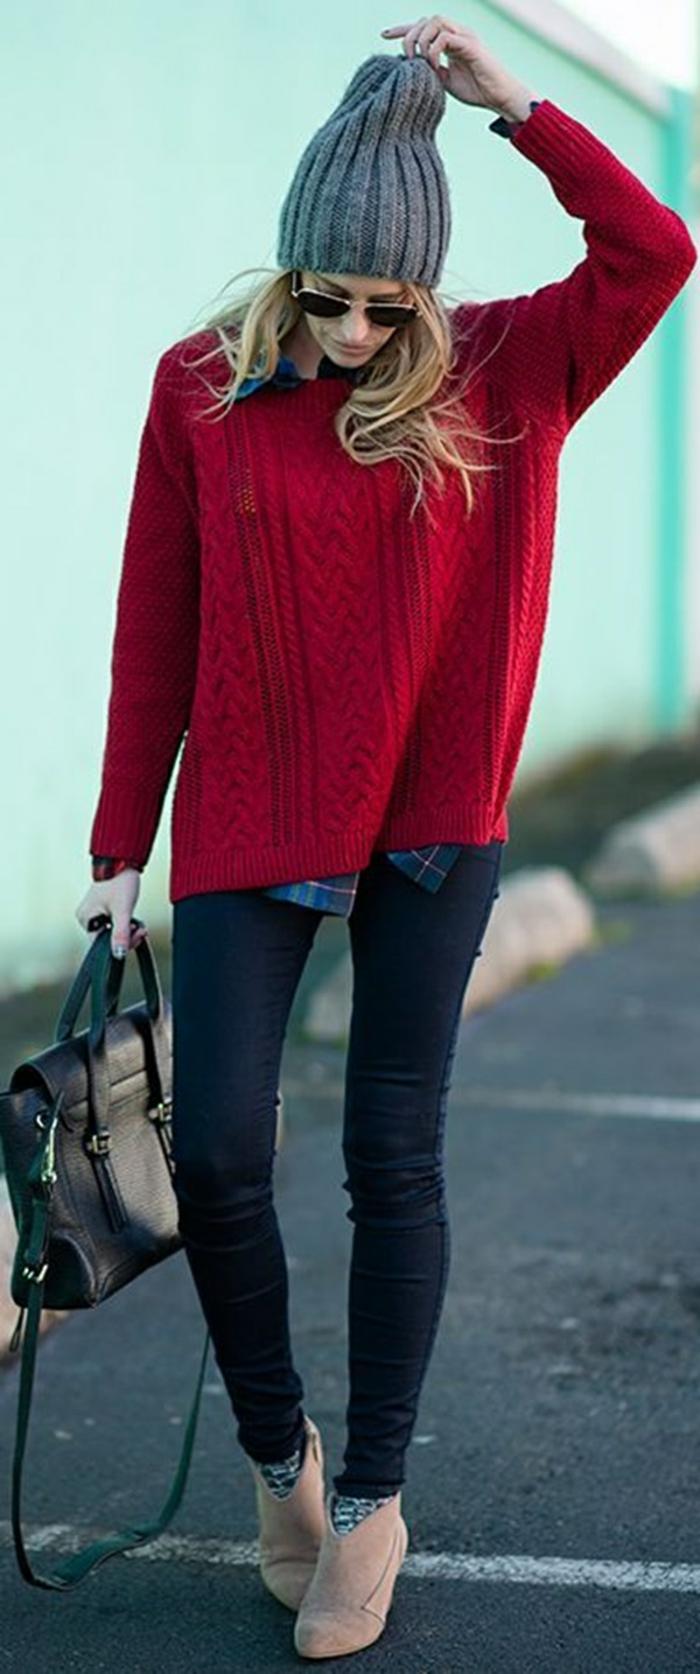 smart-casual-donna-jeans-borsa-cappello-grigio-maglione-rosso-occhiali-da-sole-look-autunnale